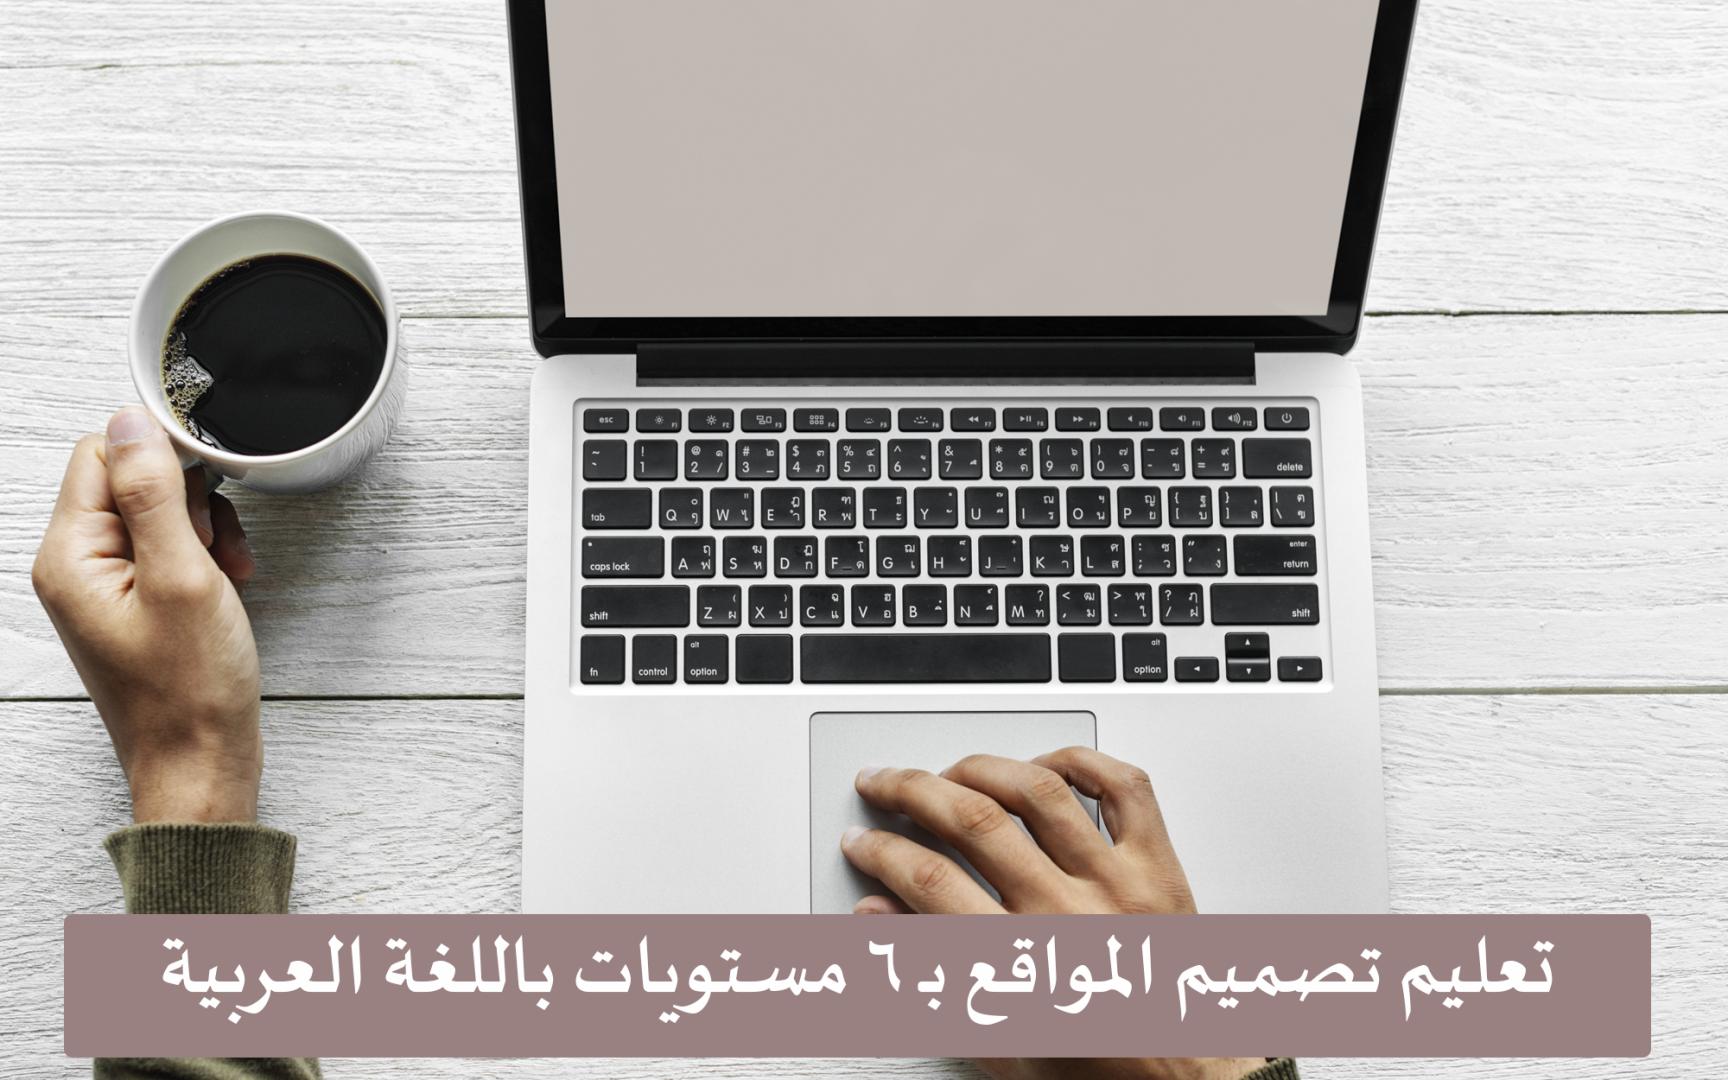 تعليم تصميم المواقع بـ 6 مستويات باللغة العربية.. مجانًا